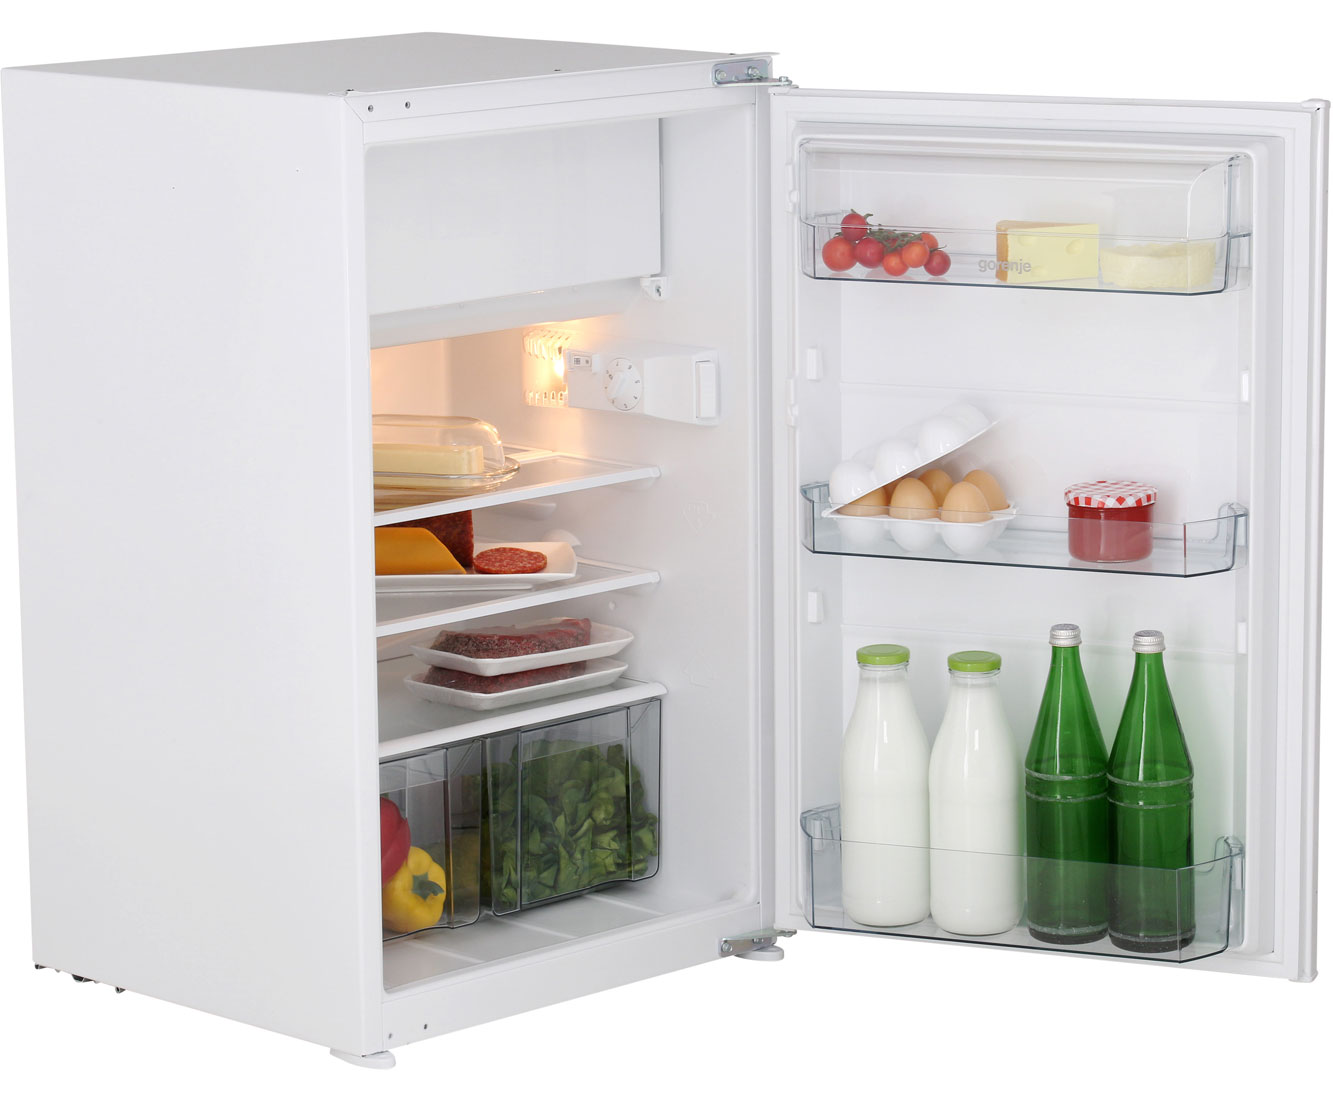 Smeg Kühlschrank Pastelgrün : Kühlschrank einbau miele preisvergleich u die besten angebote